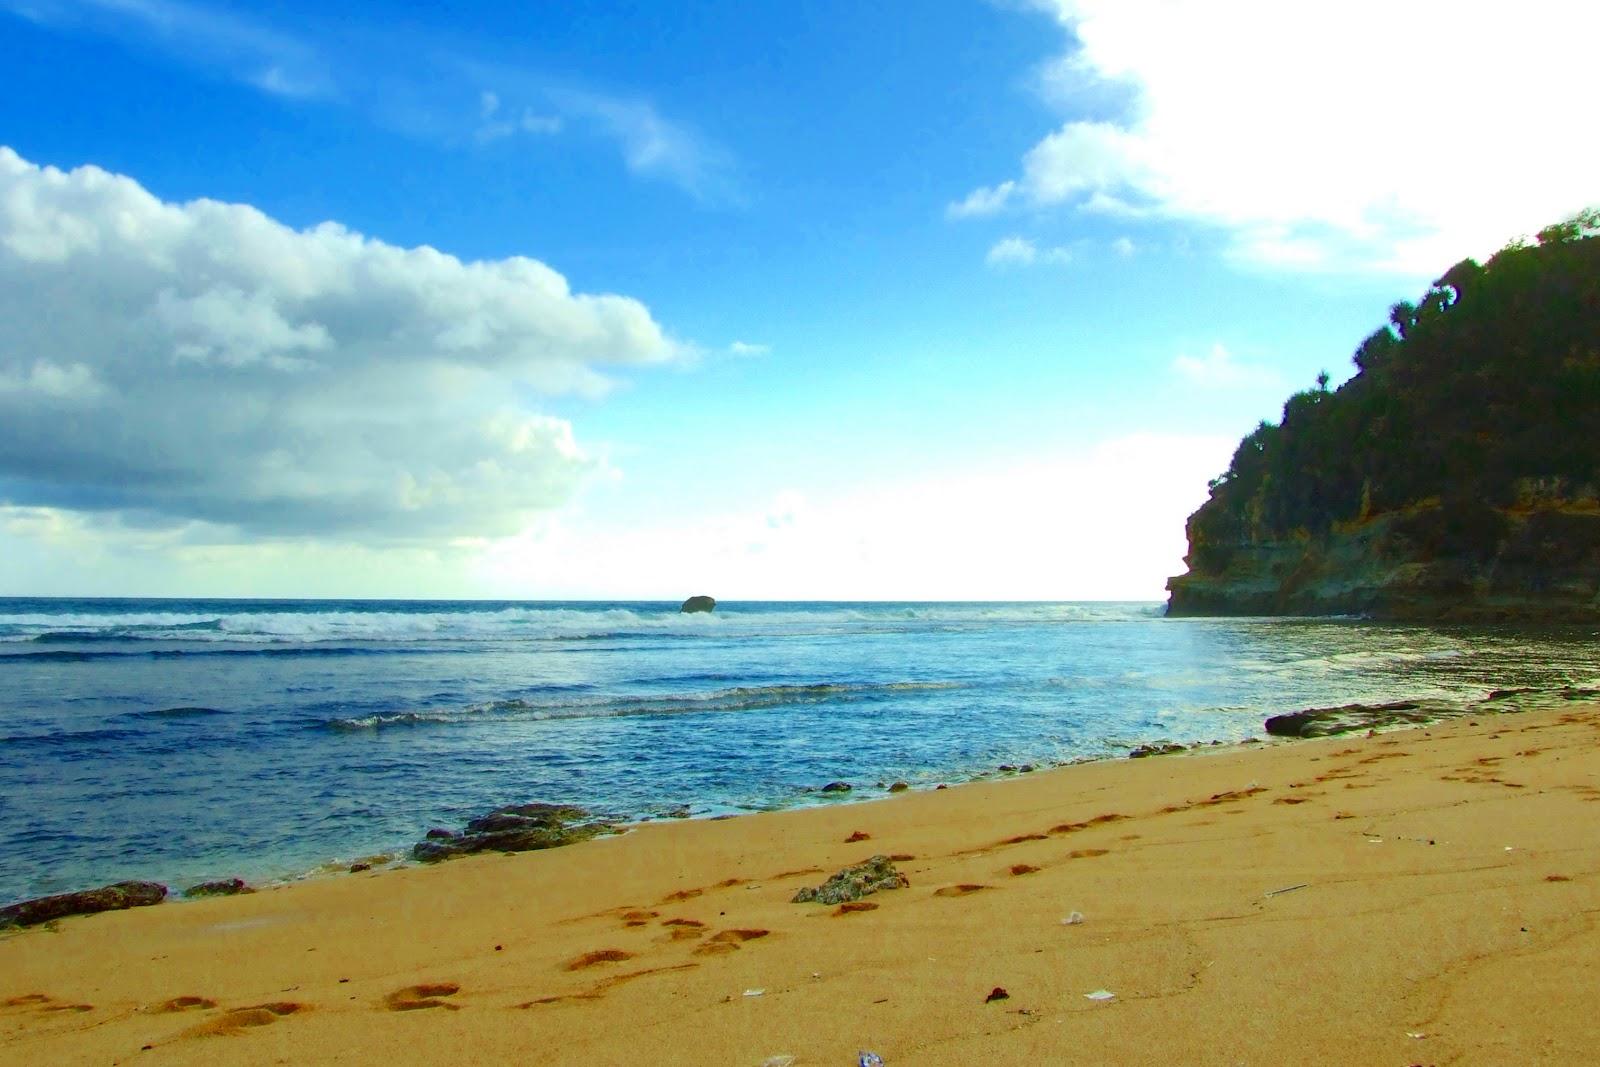 Pantai Matahari Carita Salah Satu Pesisir Utara Banten Bahkan Cuaca